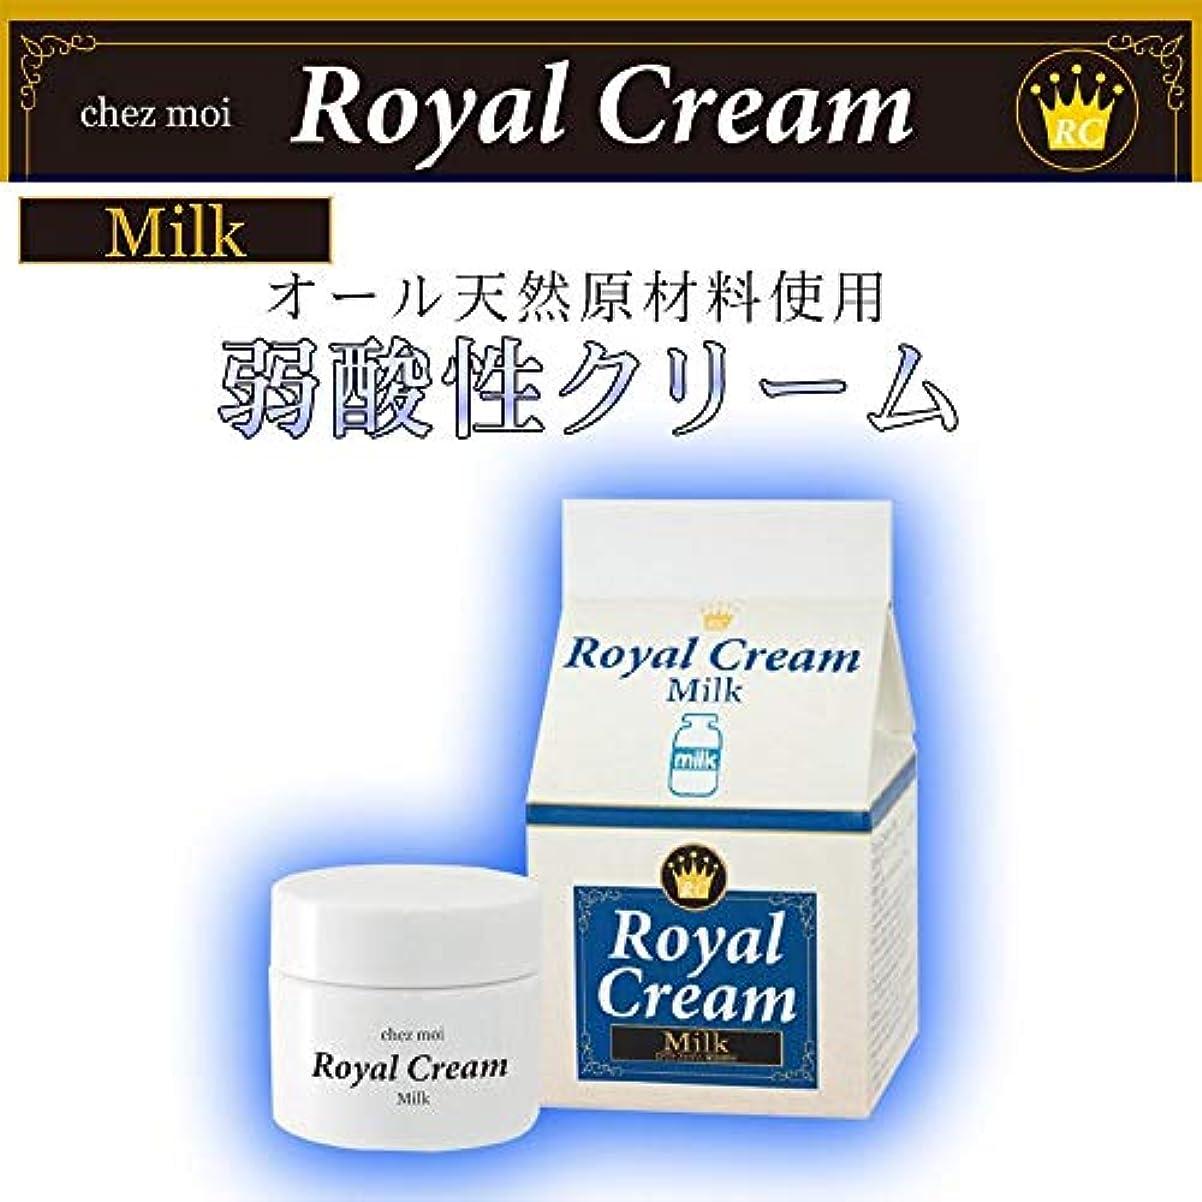 ボンド摩擦お風呂を持っているRoyal Cream(ロイヤルクリーム) Milk(ミルク) 30g